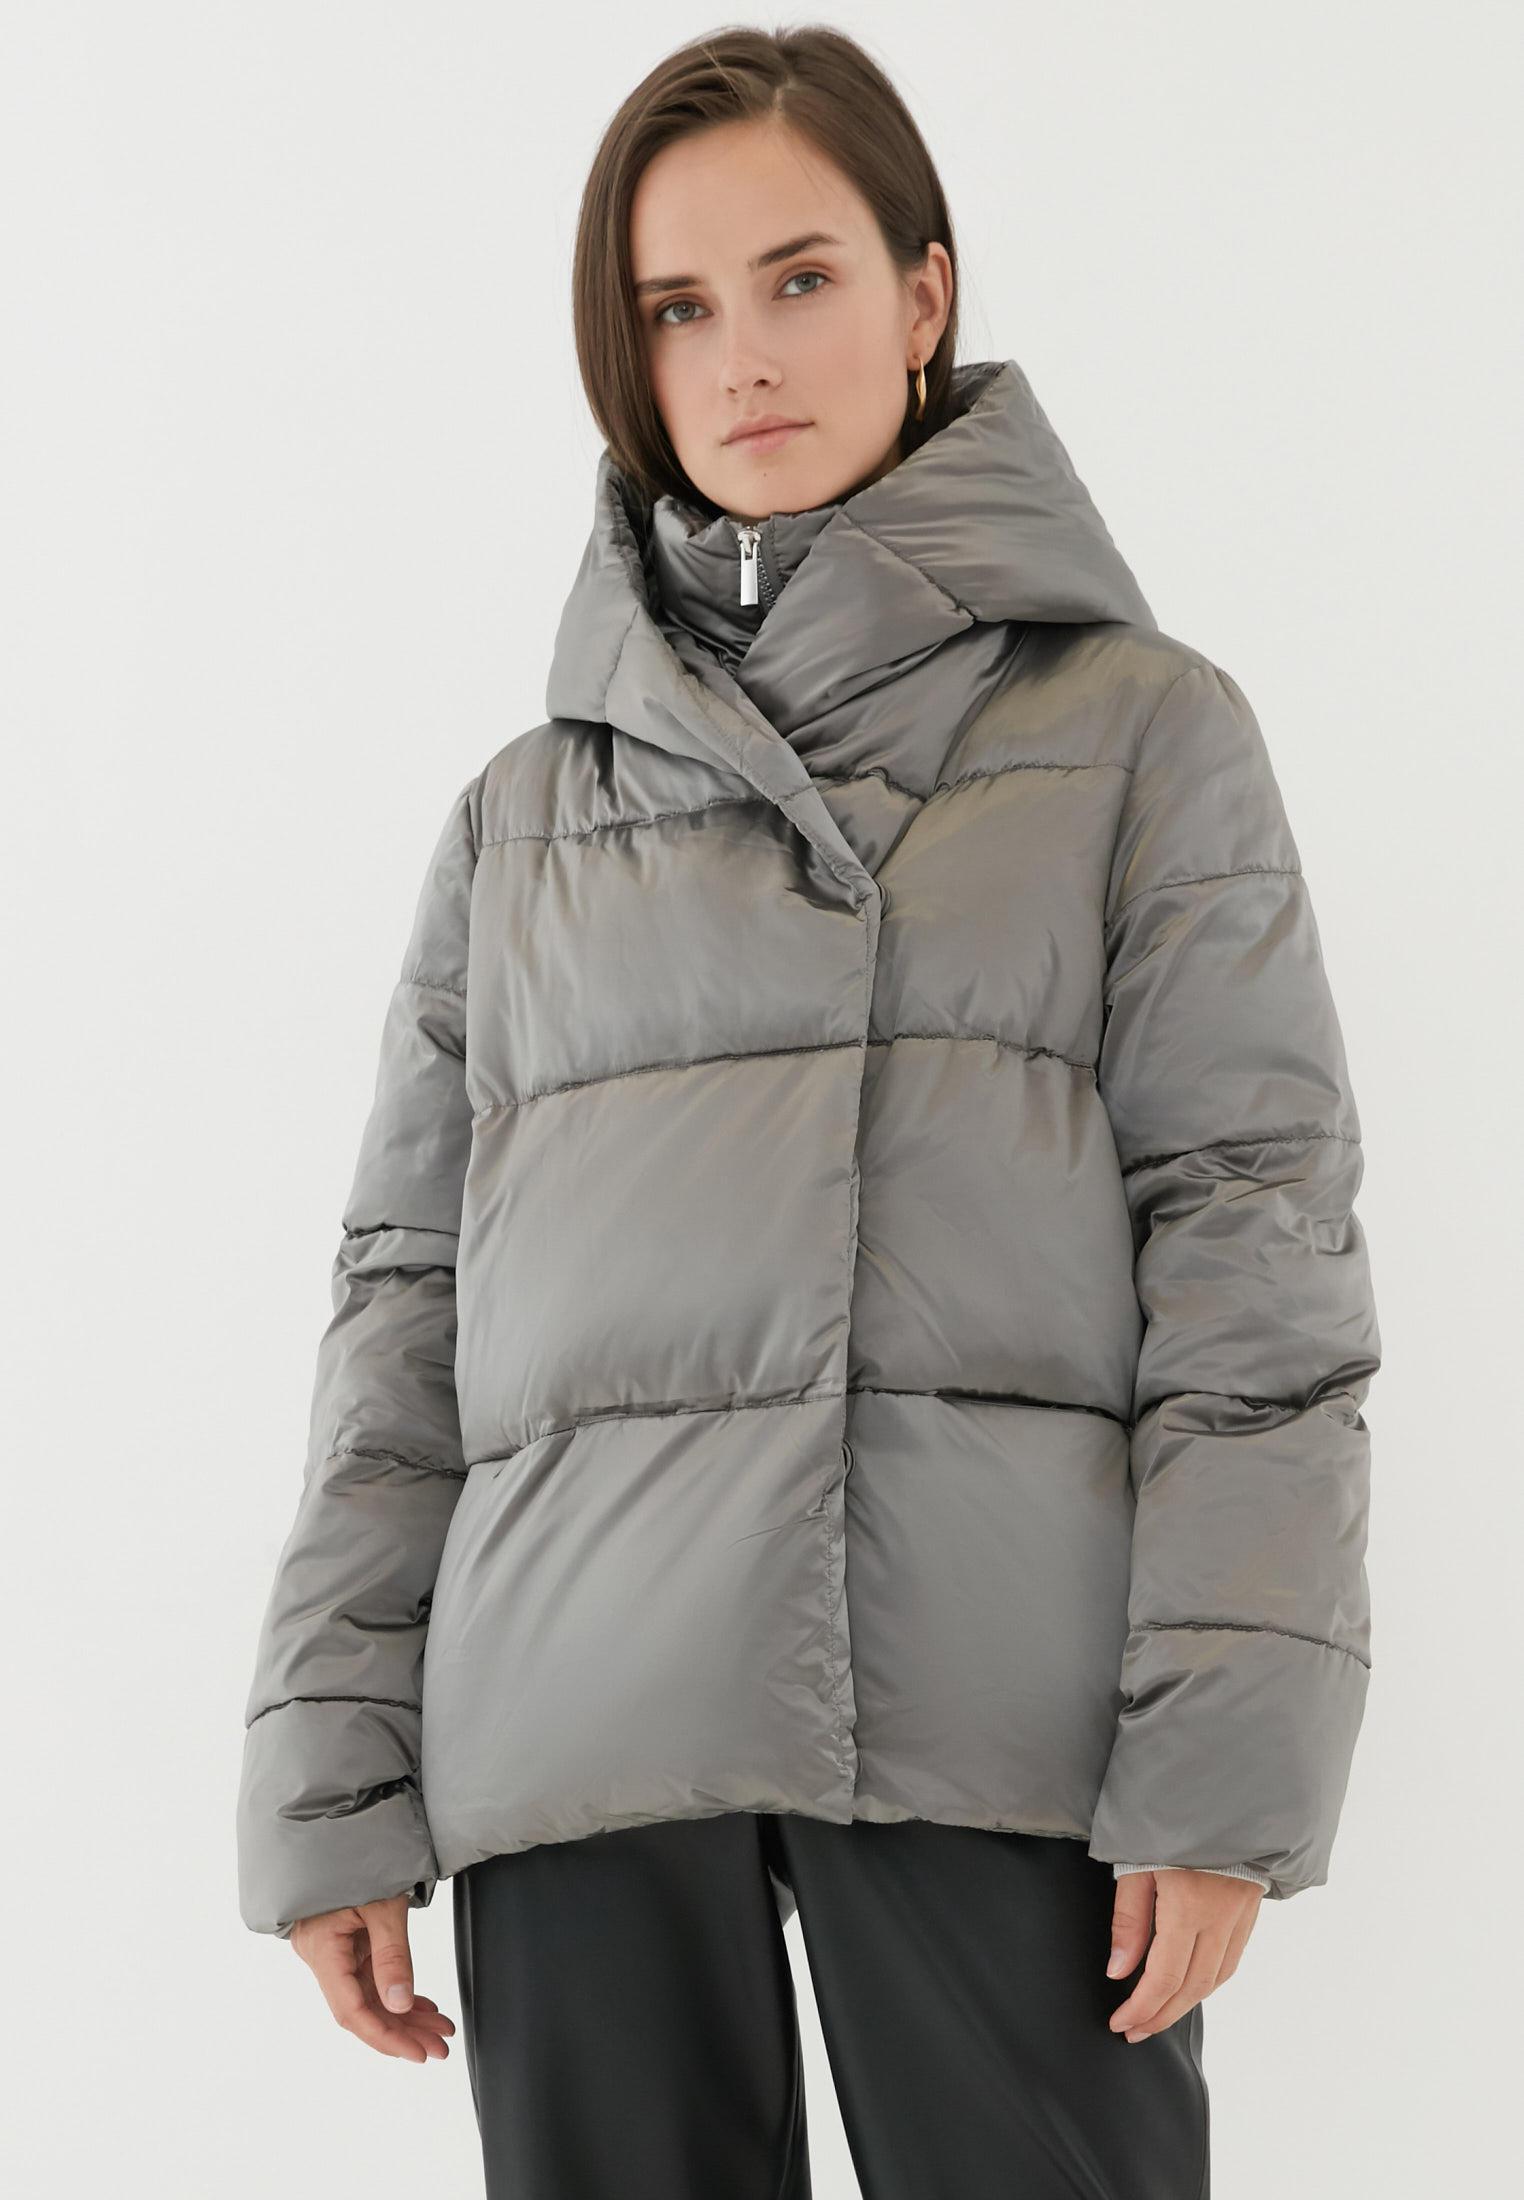 Куртка утепленная Zarina Exclusive online купить за 2 379 ₽ в интернет-магазине Lamoda.ru